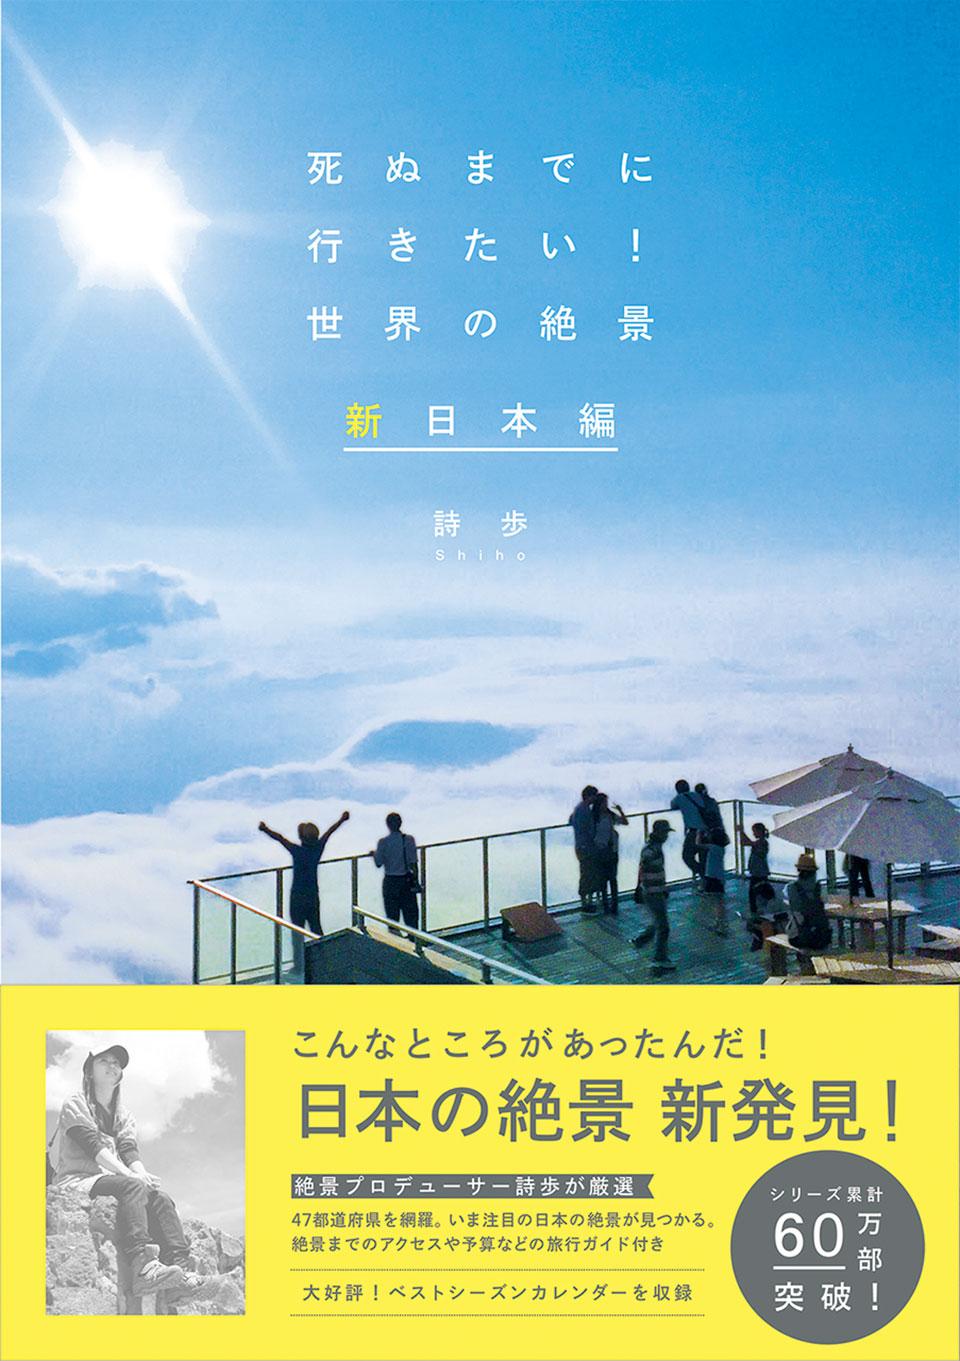 死ぬまでに行きたい!世界の絶景新日本編